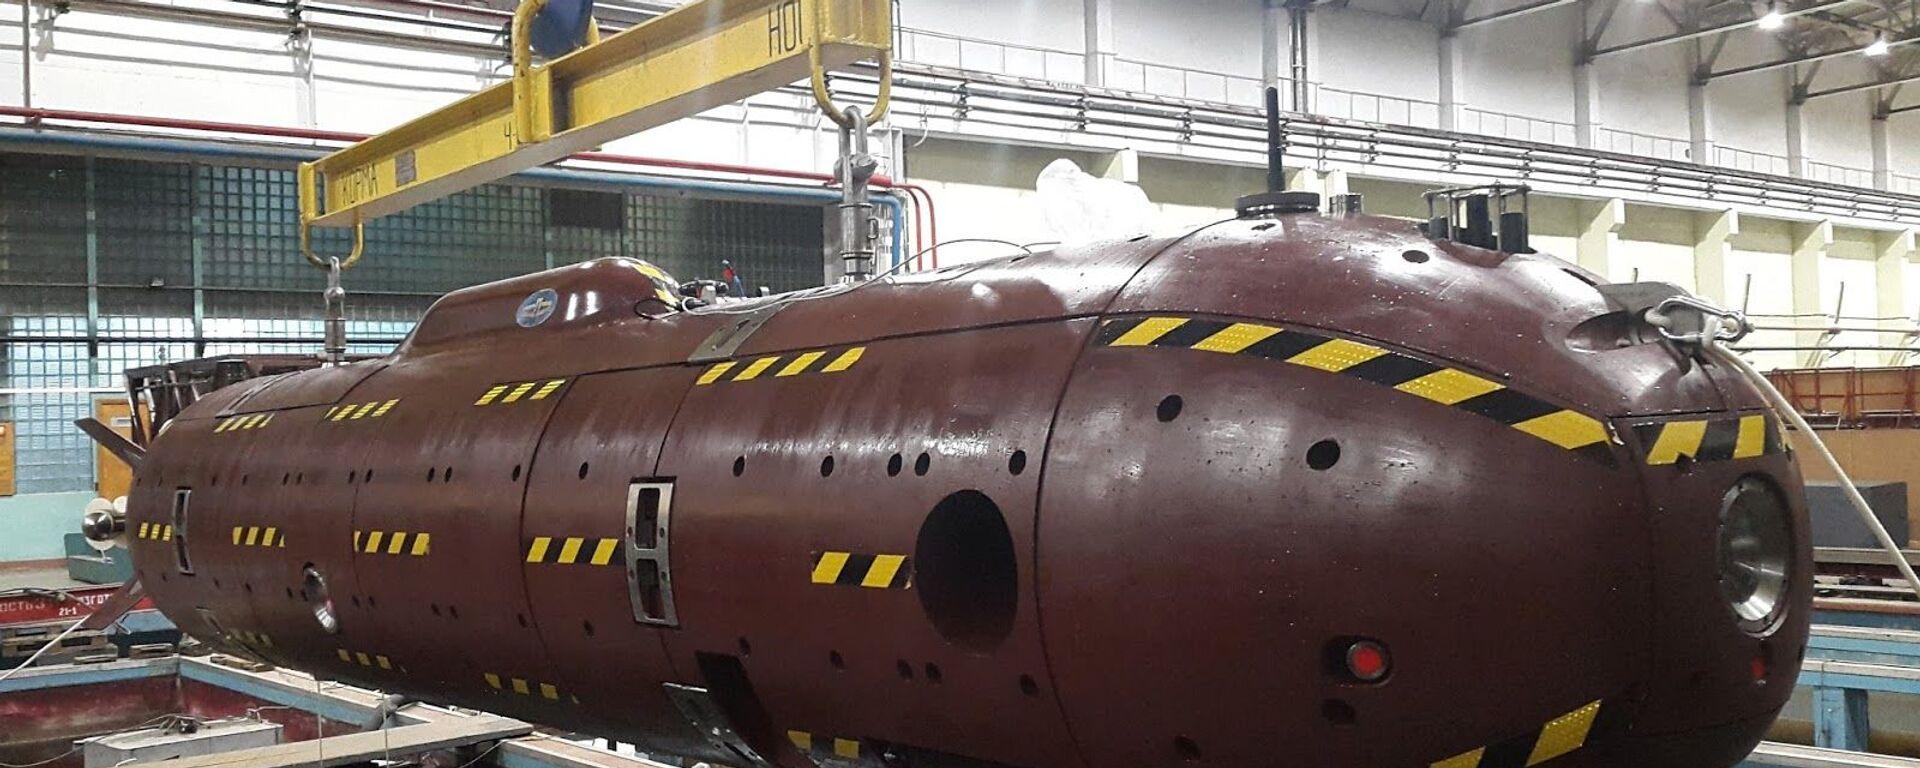 Niezamieszkany okręt podwodny Klawesyn-2P-PM - Sputnik Polska, 1920, 12.09.2021